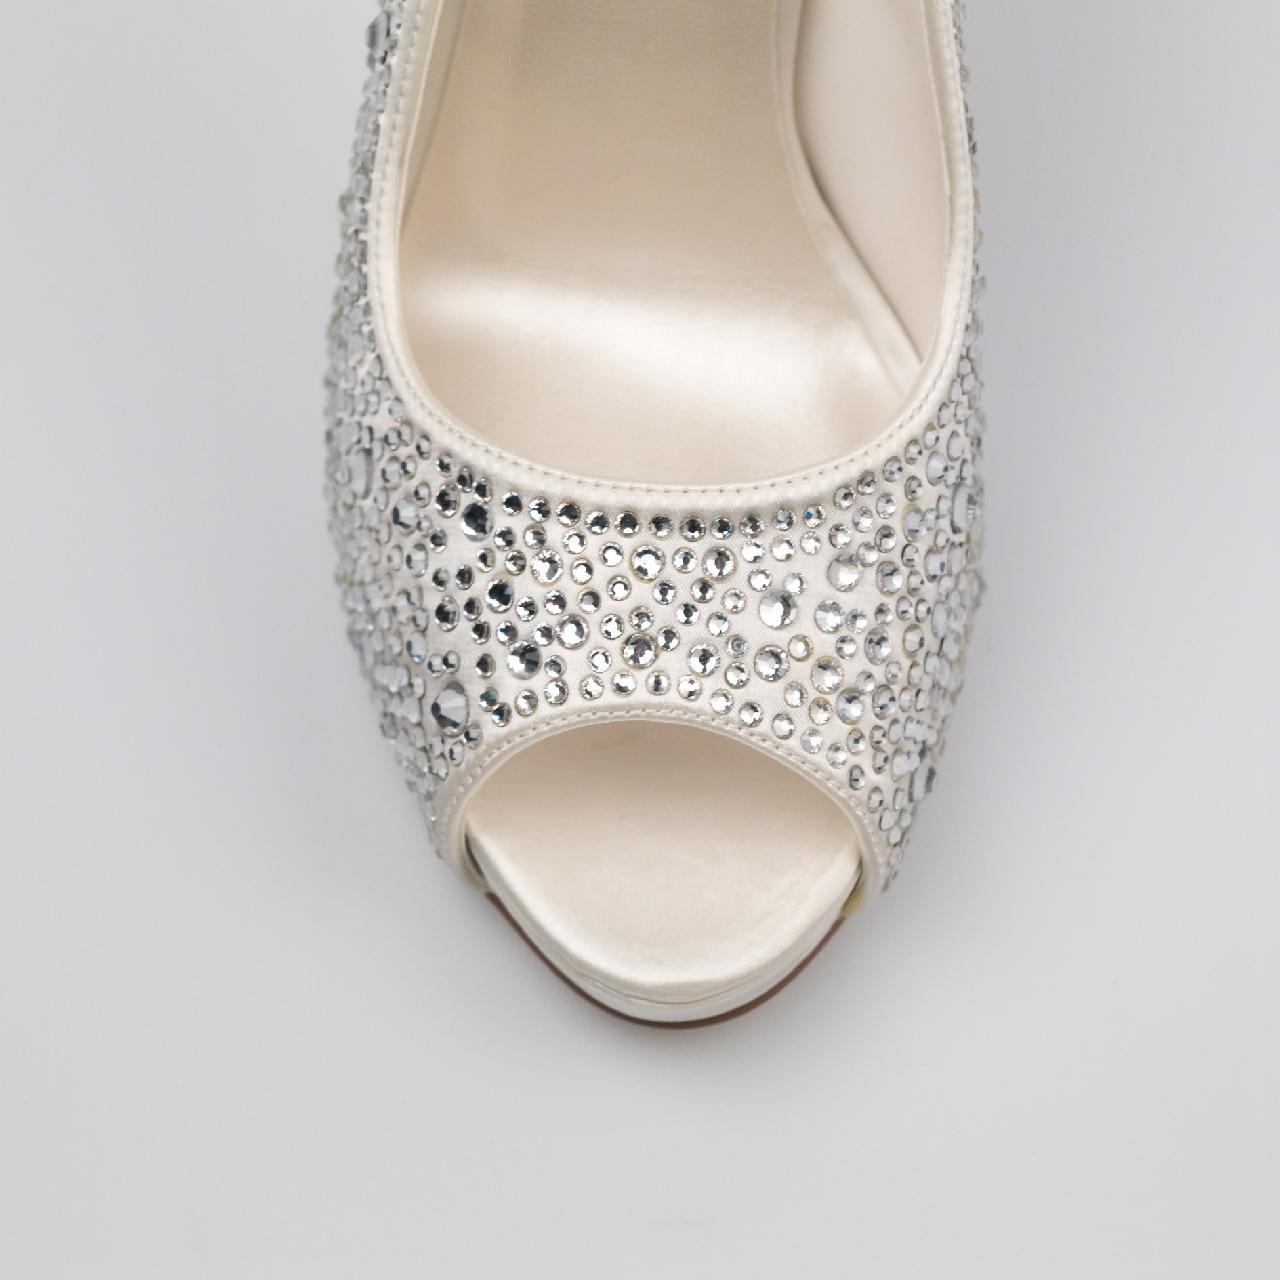 Svadobné topánky Roxanne, G.Westerleigh - Obrázok č. 4